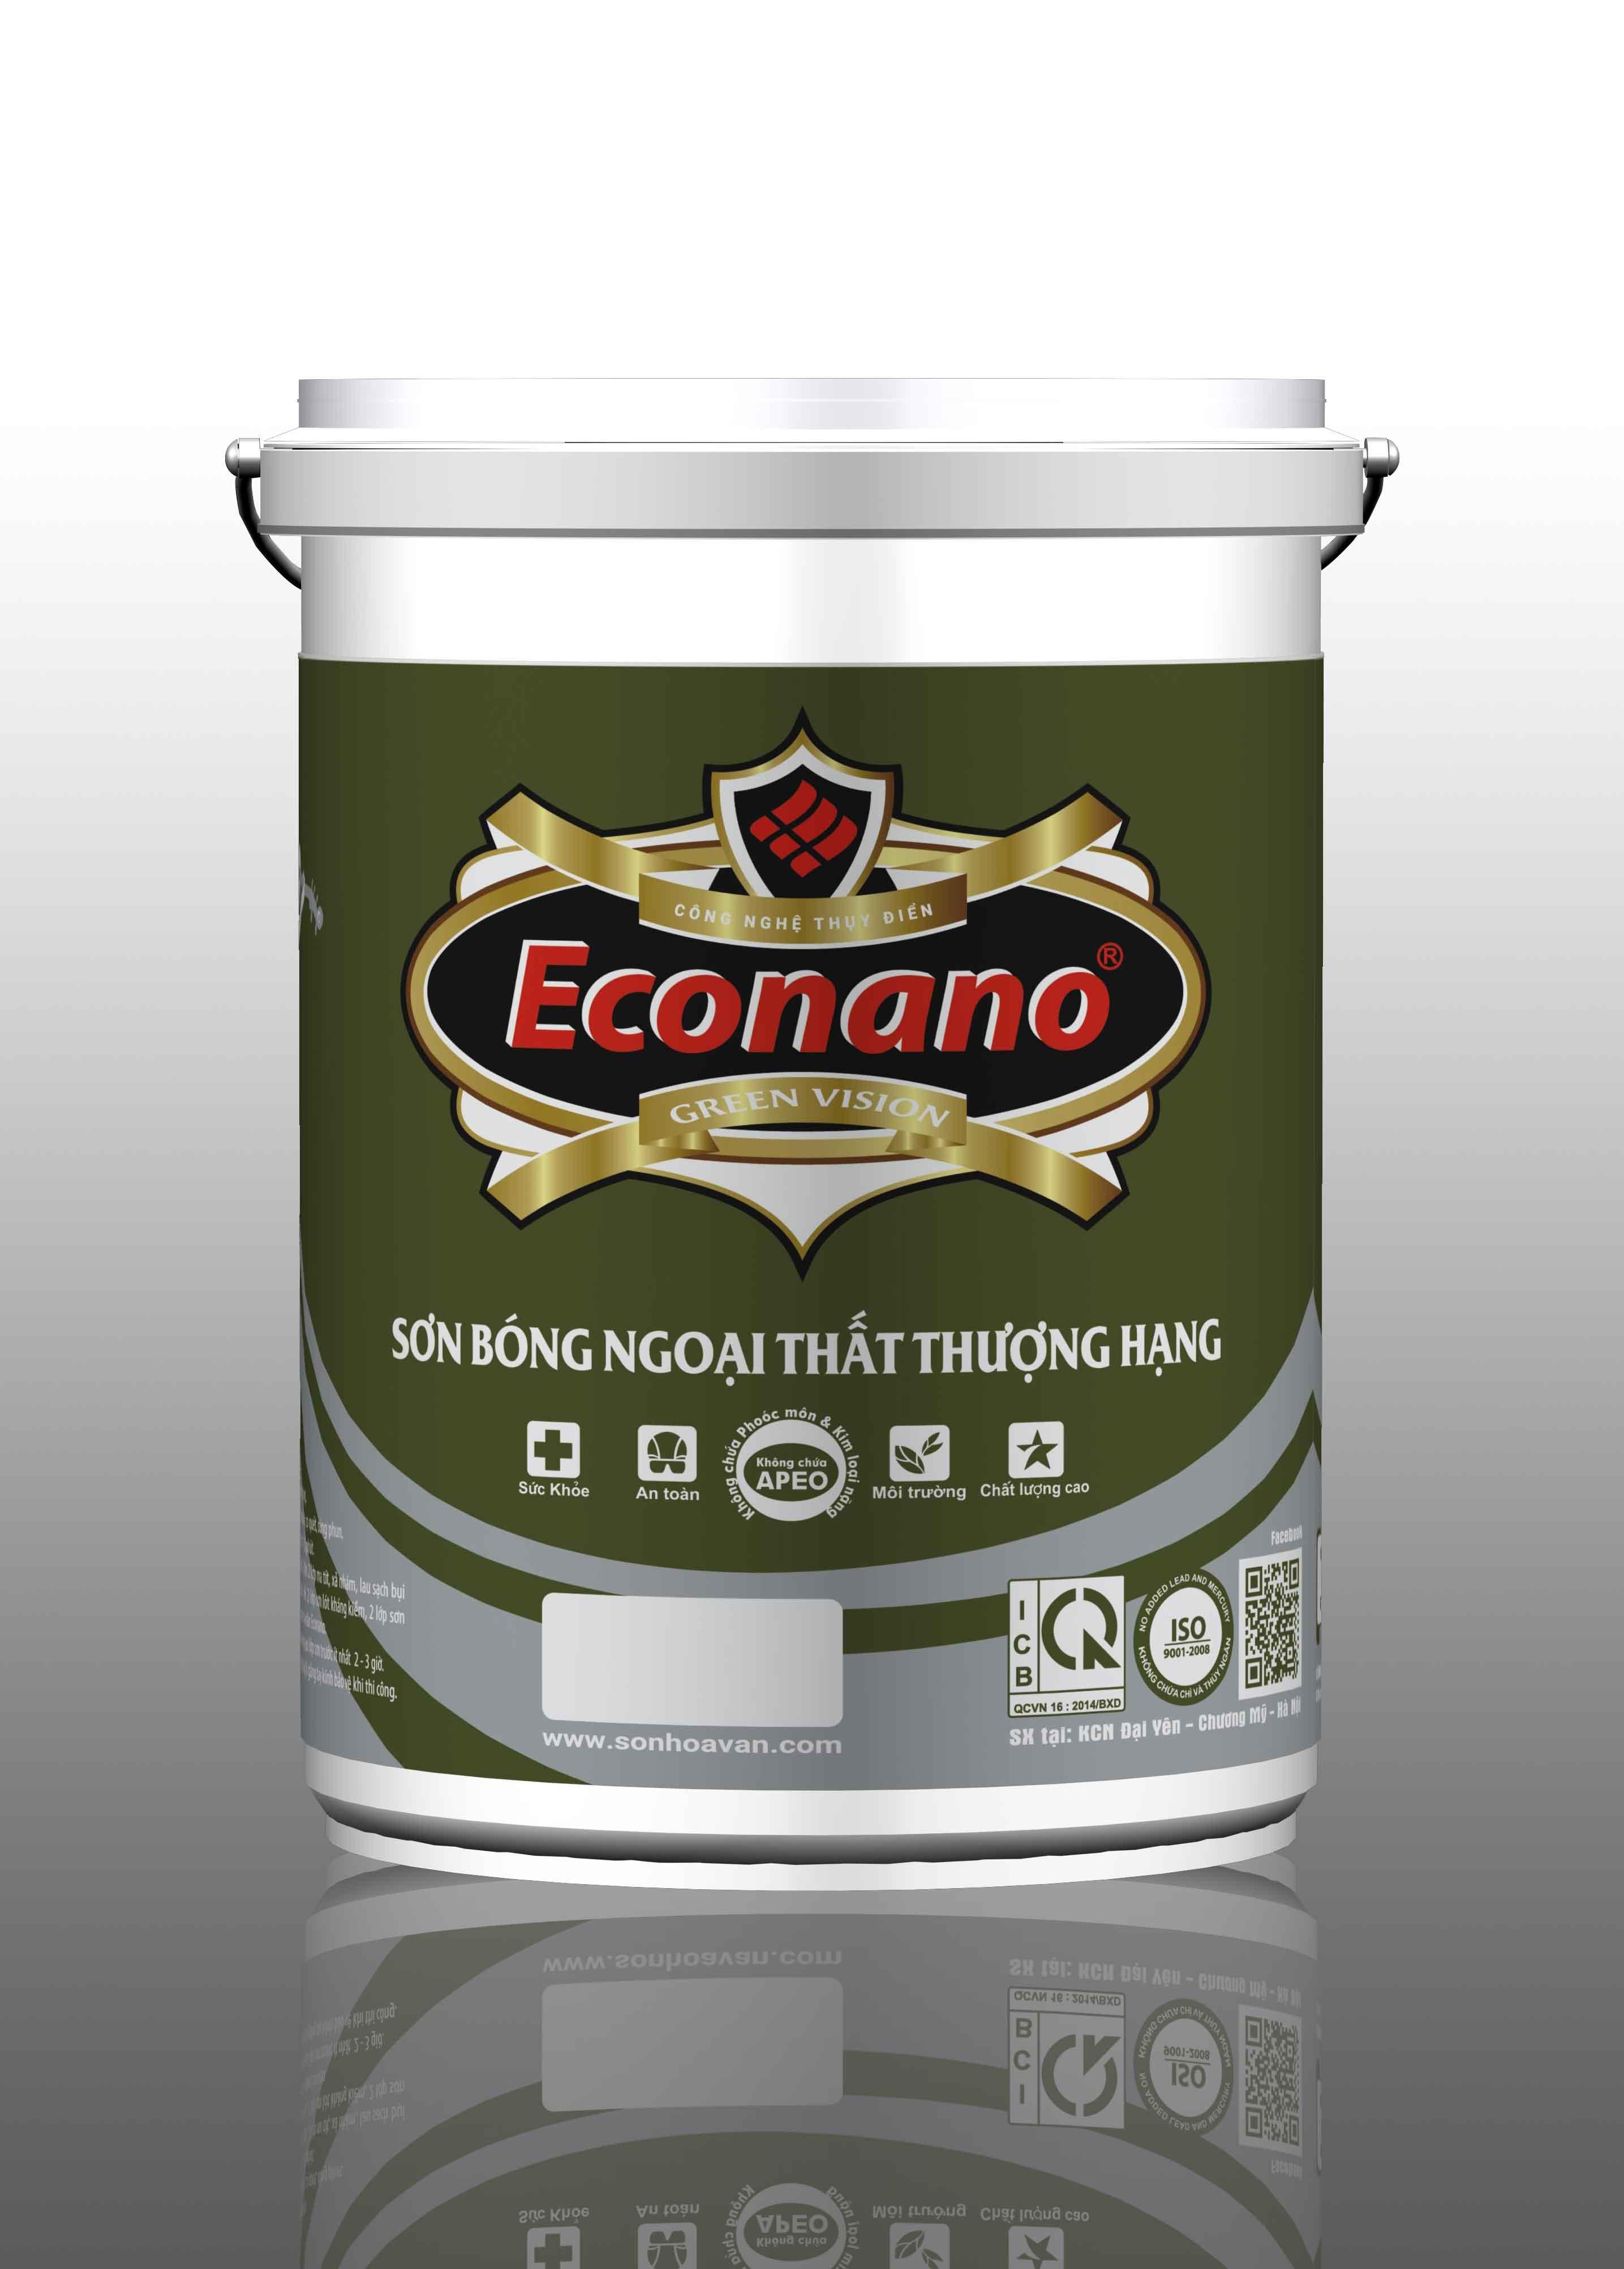 son-bong-ngoai-that-thuong-hang-econano